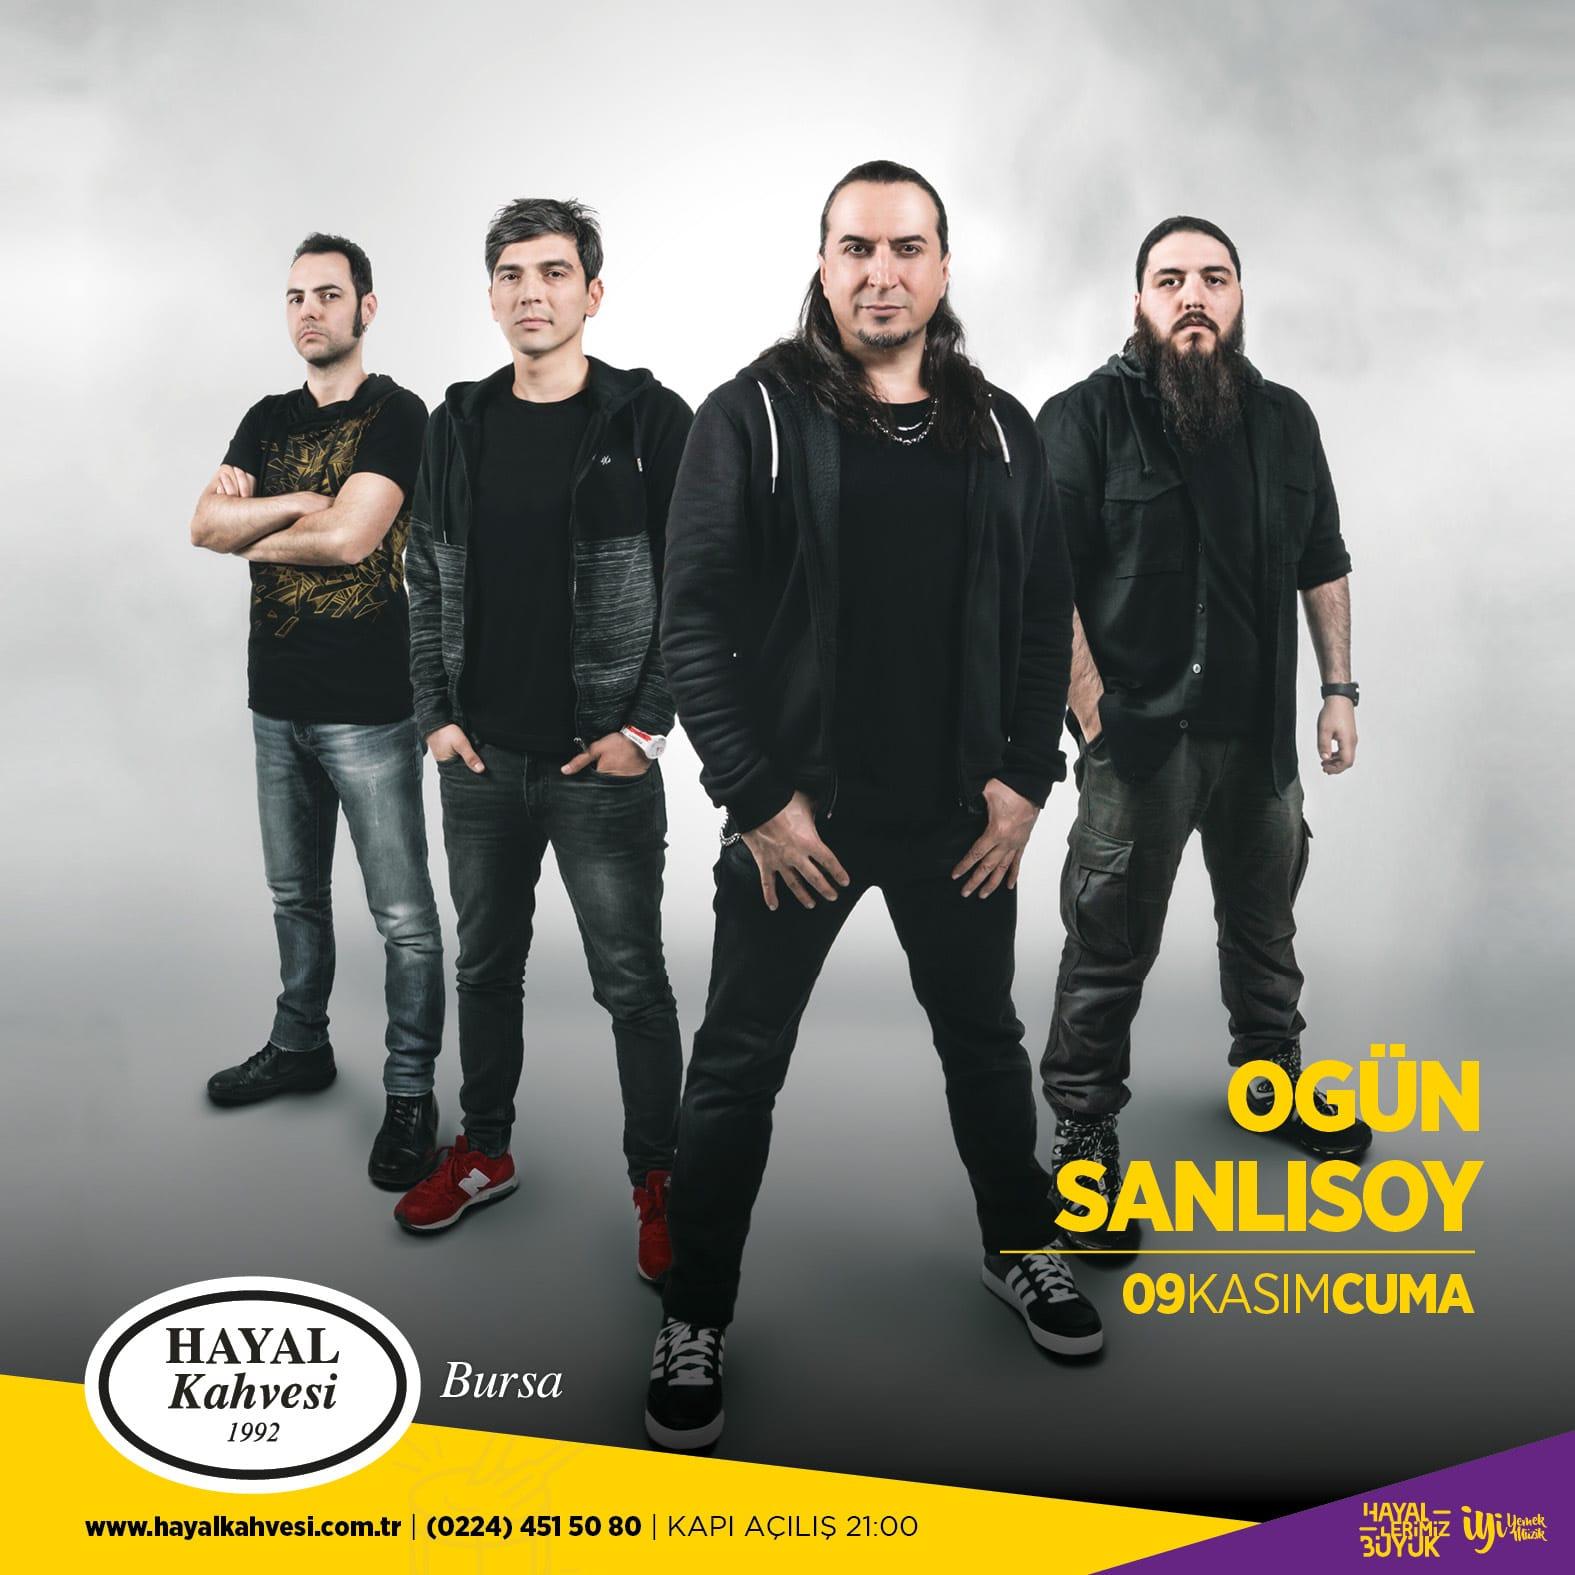 Ogün Şanlısoy Bursa konseri